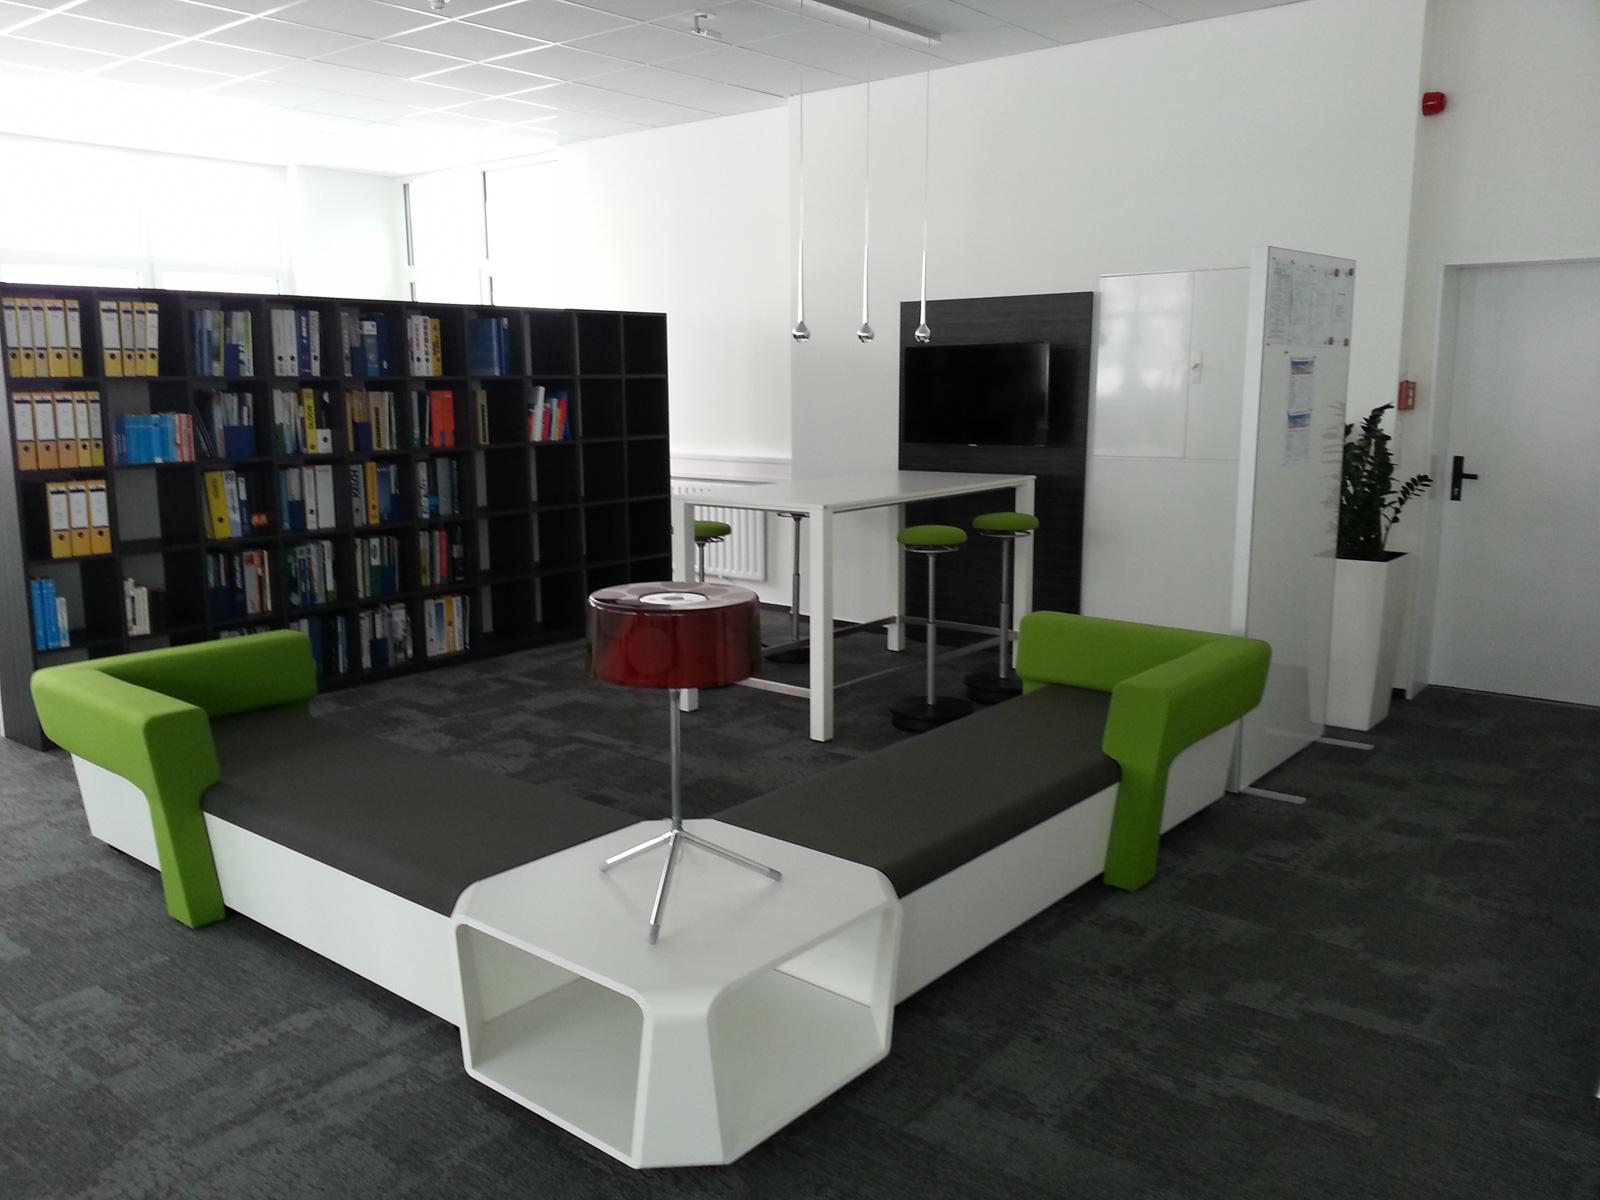 marcus czernoch architektur und design albstadt 49. Black Bedroom Furniture Sets. Home Design Ideas